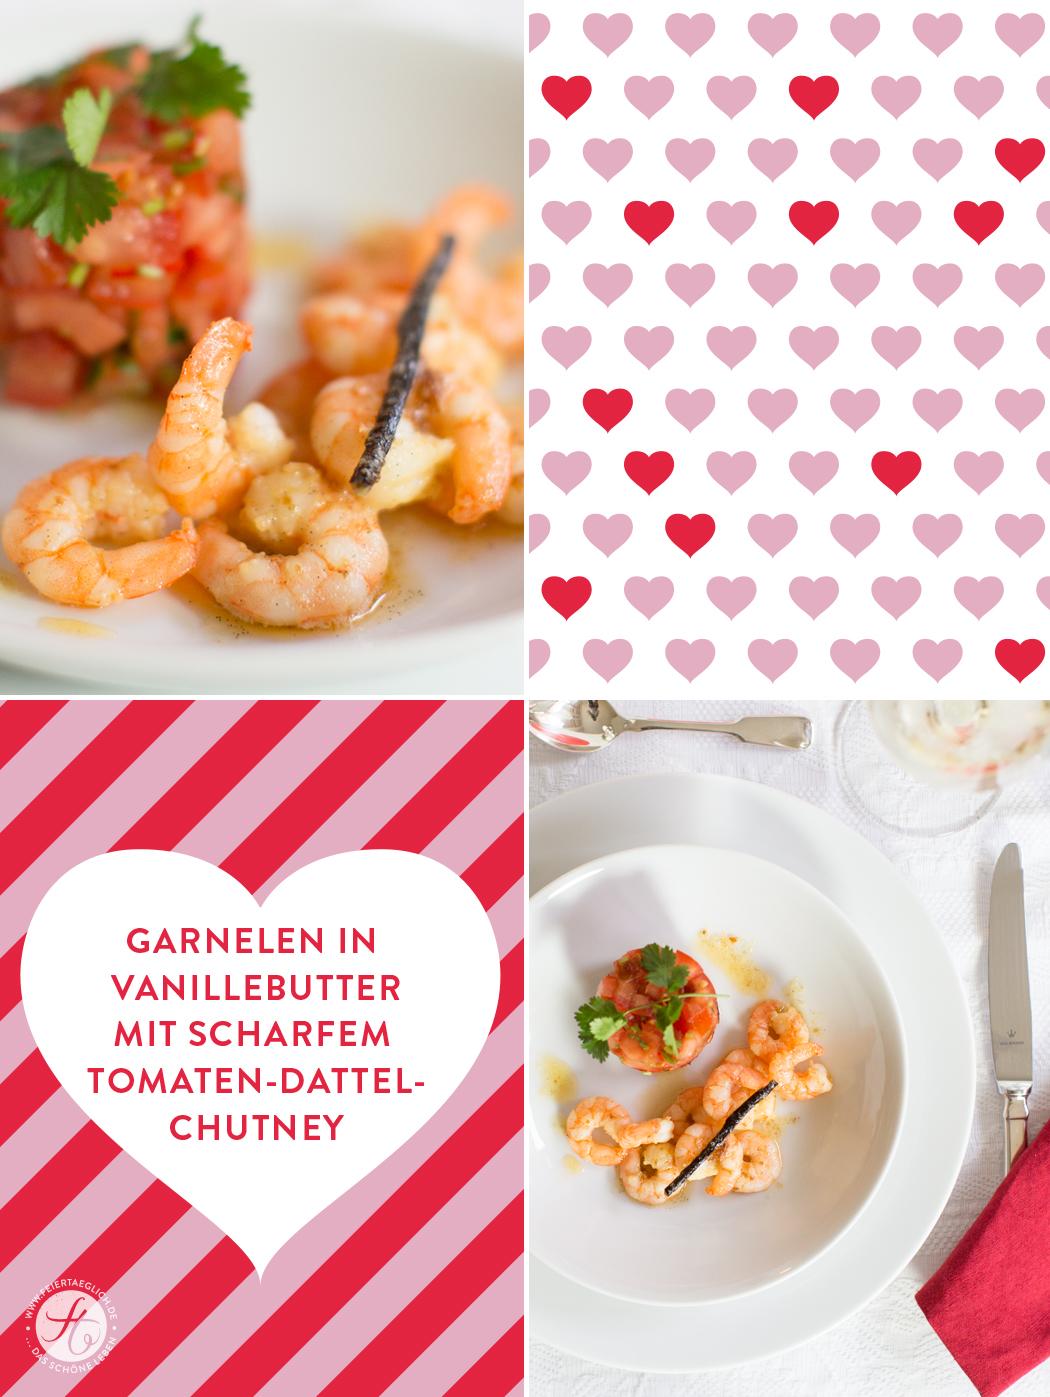 Menü zum Valentinstag...Die Vorspeise: Garnelen in Vanillebutter mit scharfem Tomaten-Dattel-Chutney